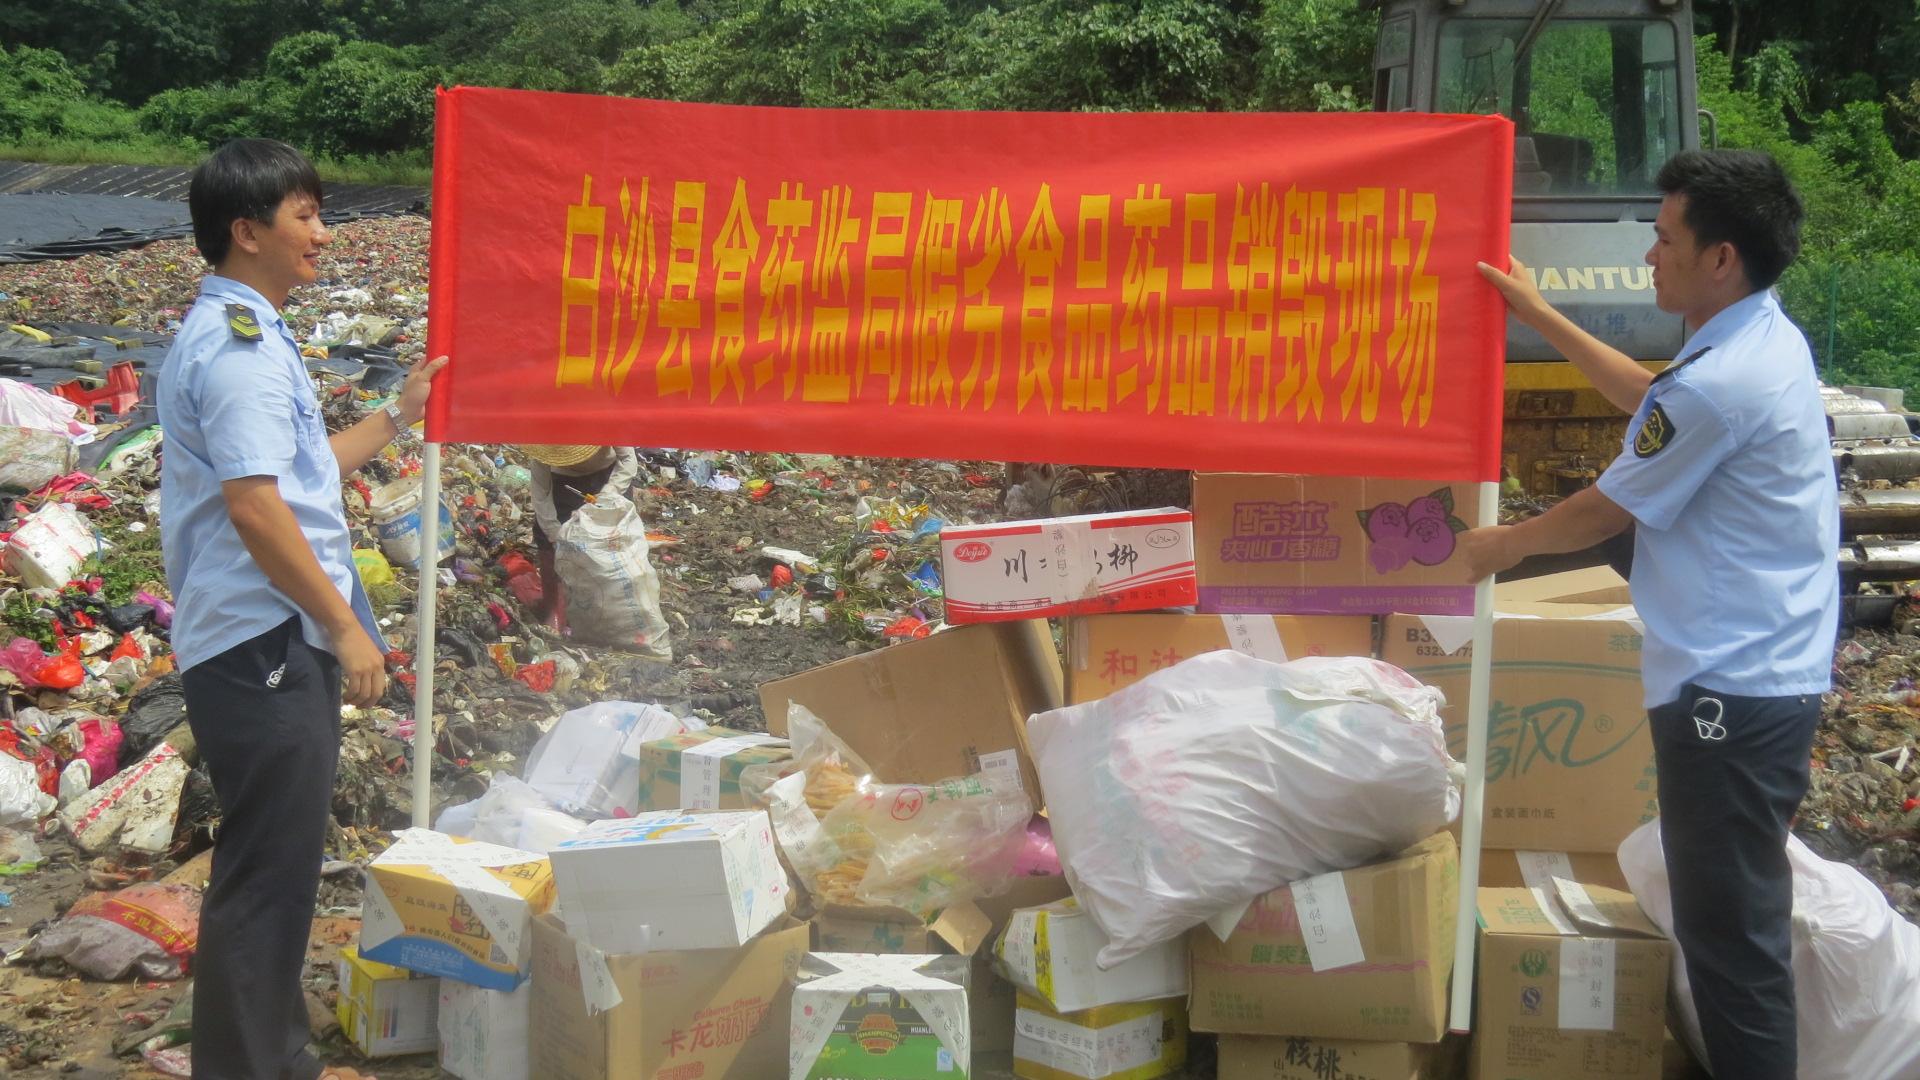 白沙县食药监局集中销毁450公斤假冒伪劣食品www.js539.com点击进入官网